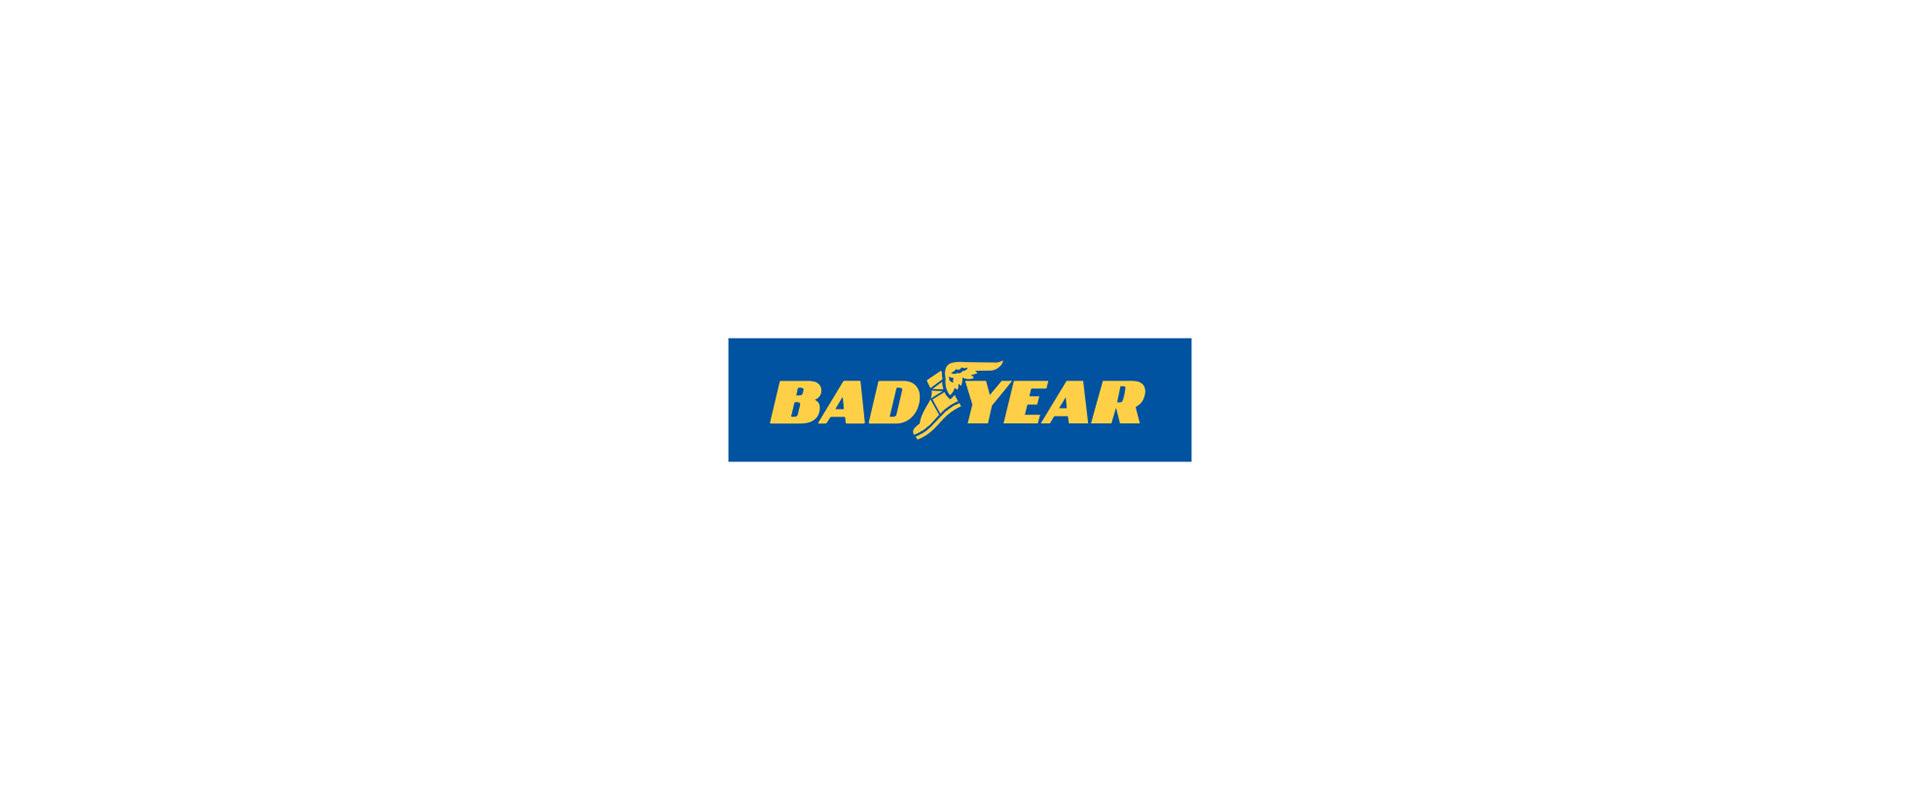 good year koronavirus logo